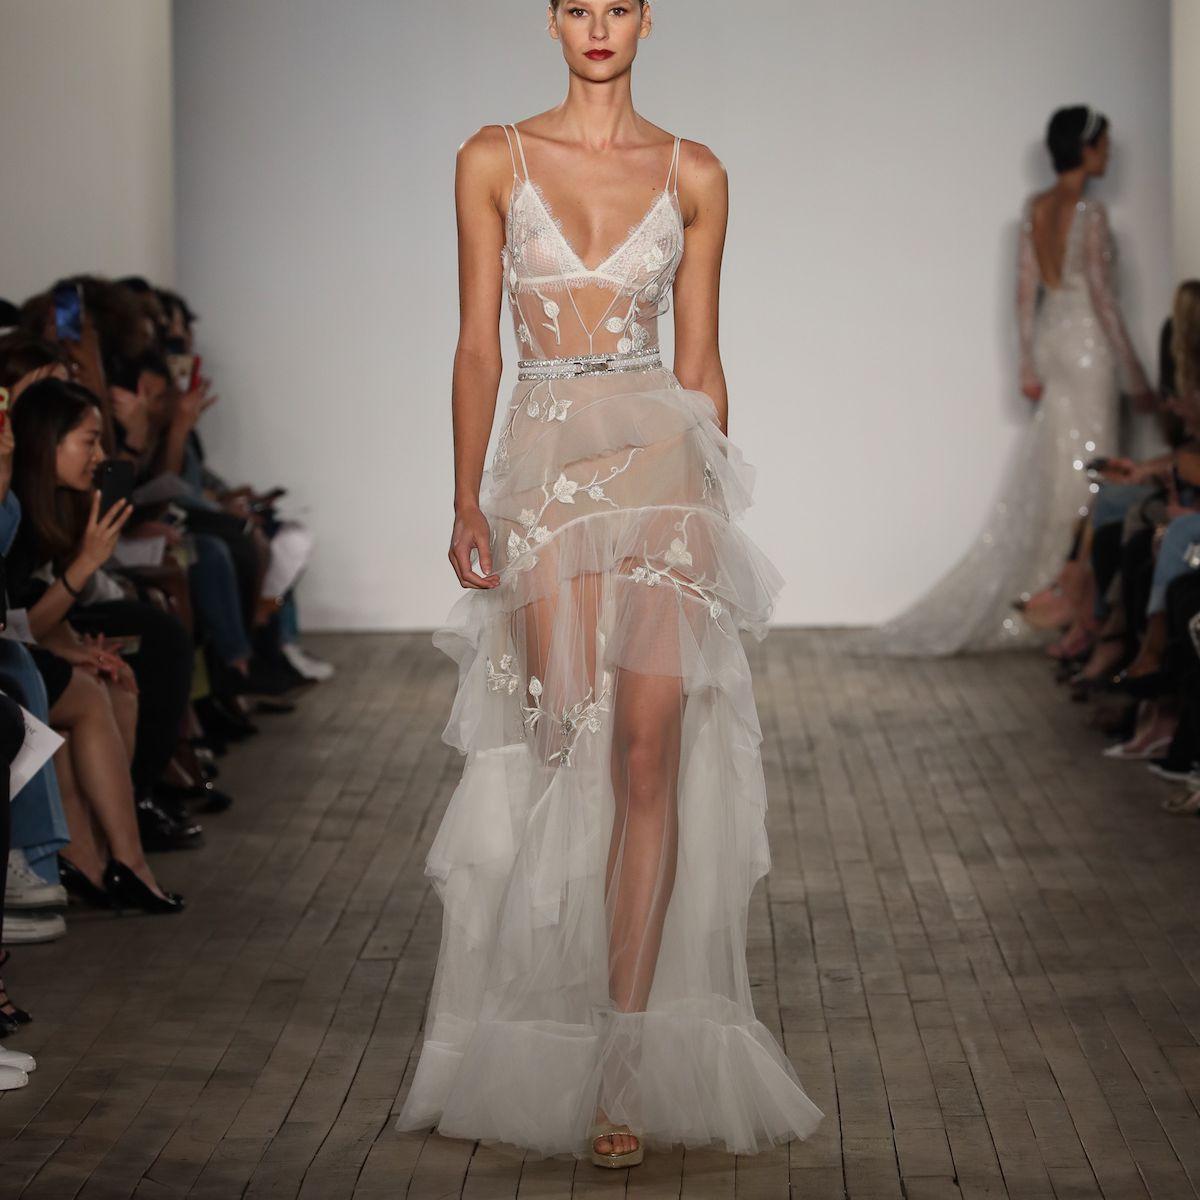 Model in sheer sleeveless wedding dress